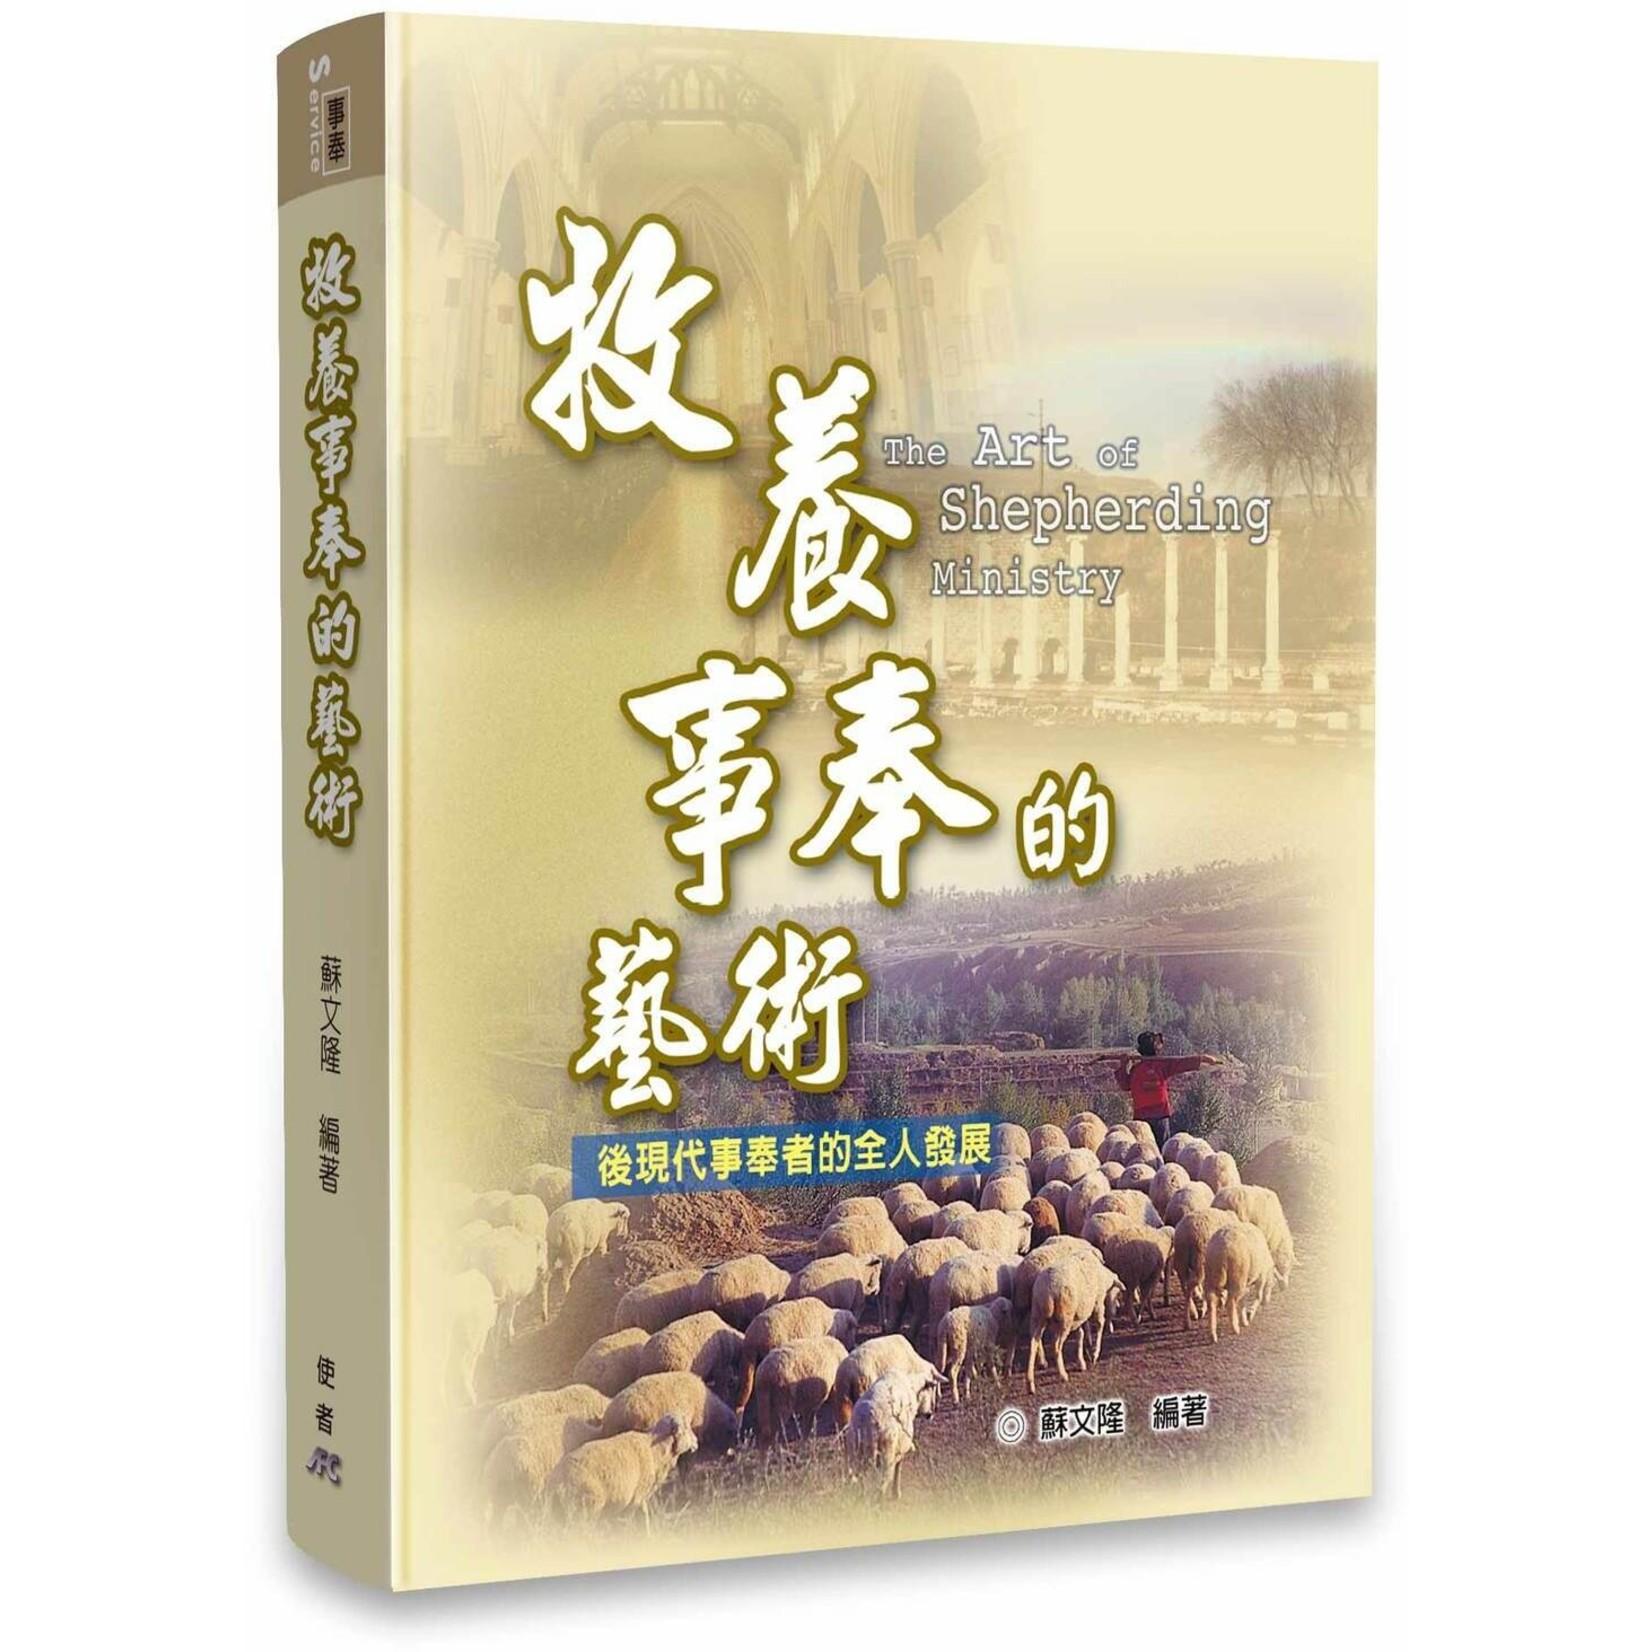 基督使者協會 Ambassadors for Christ 牧養事奉的藝術:後現代事奉者的全人發展